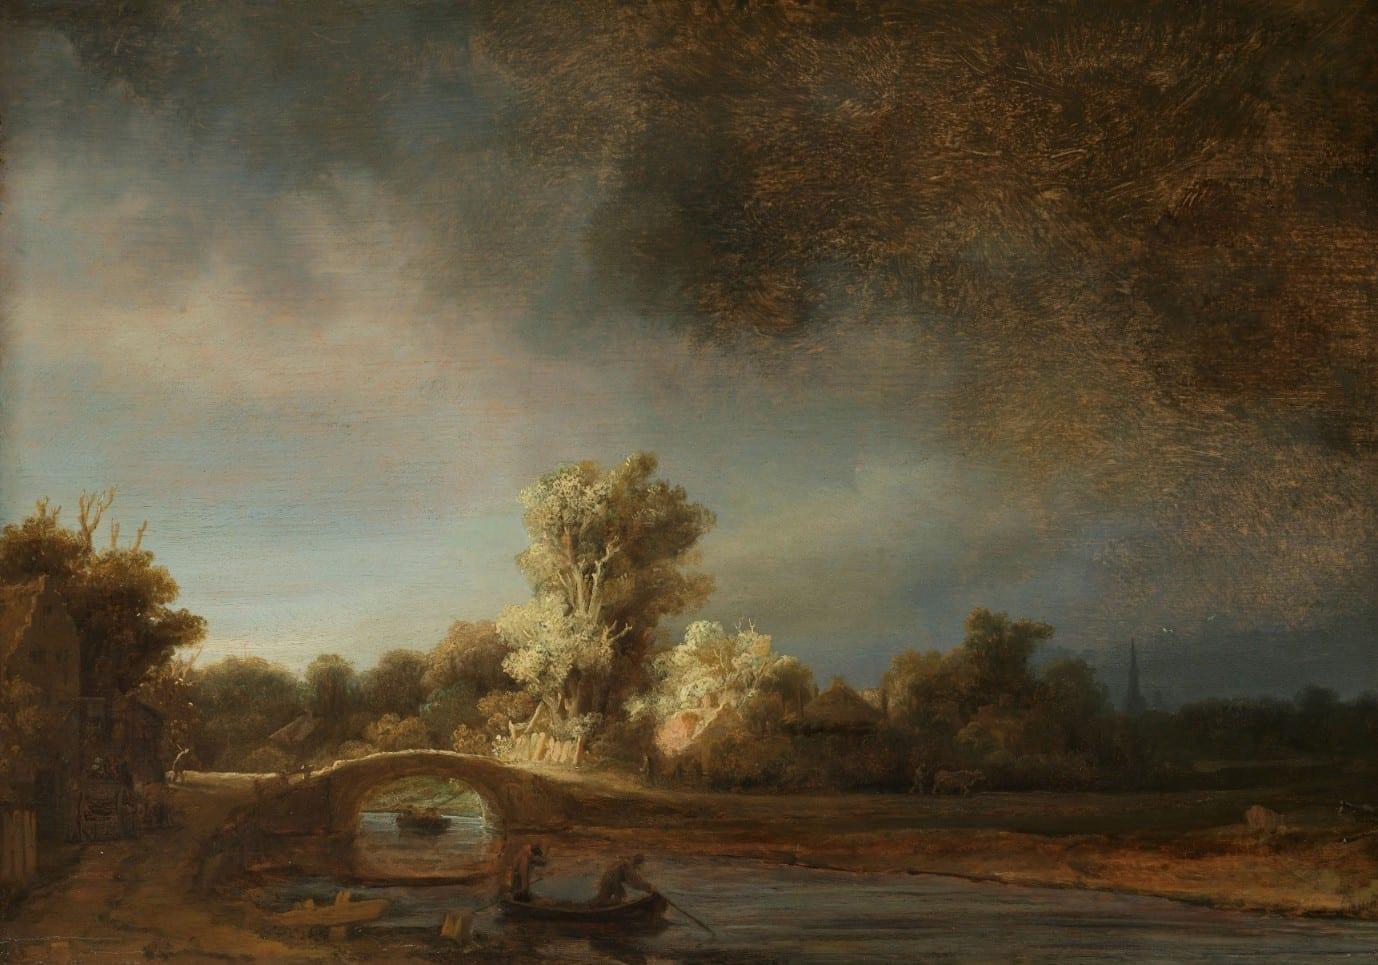 Landschap met stenen brug - Rembrandt van Rijn